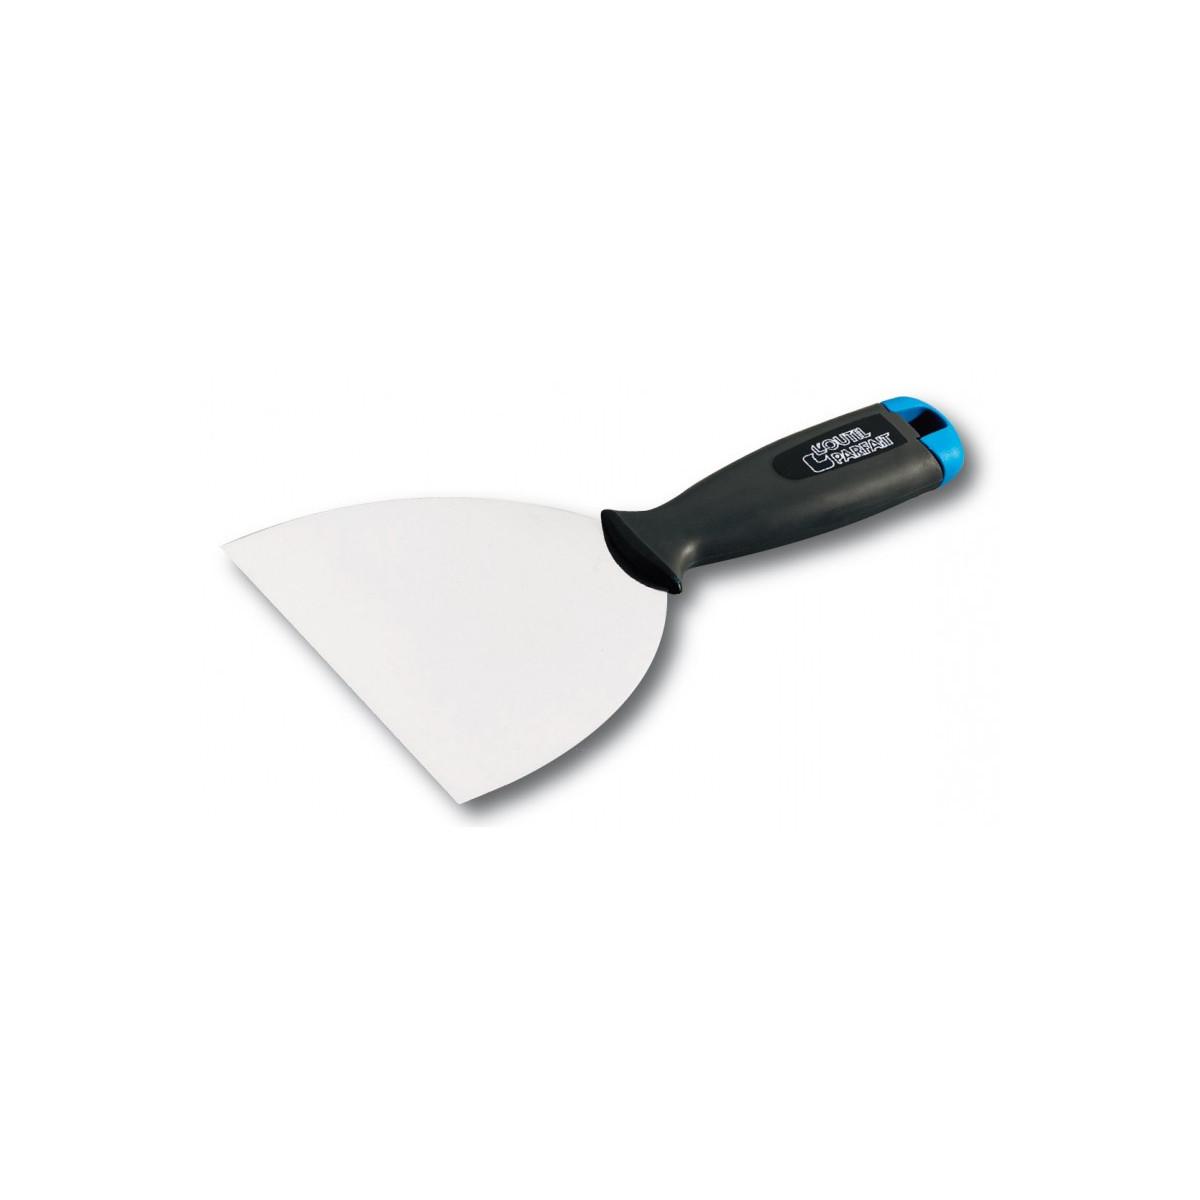 COUTEAU AMÉRICAIN SPATULE - Couteau américain souple béton ciré enduit application précise nette angles et arrêtes outil parfait